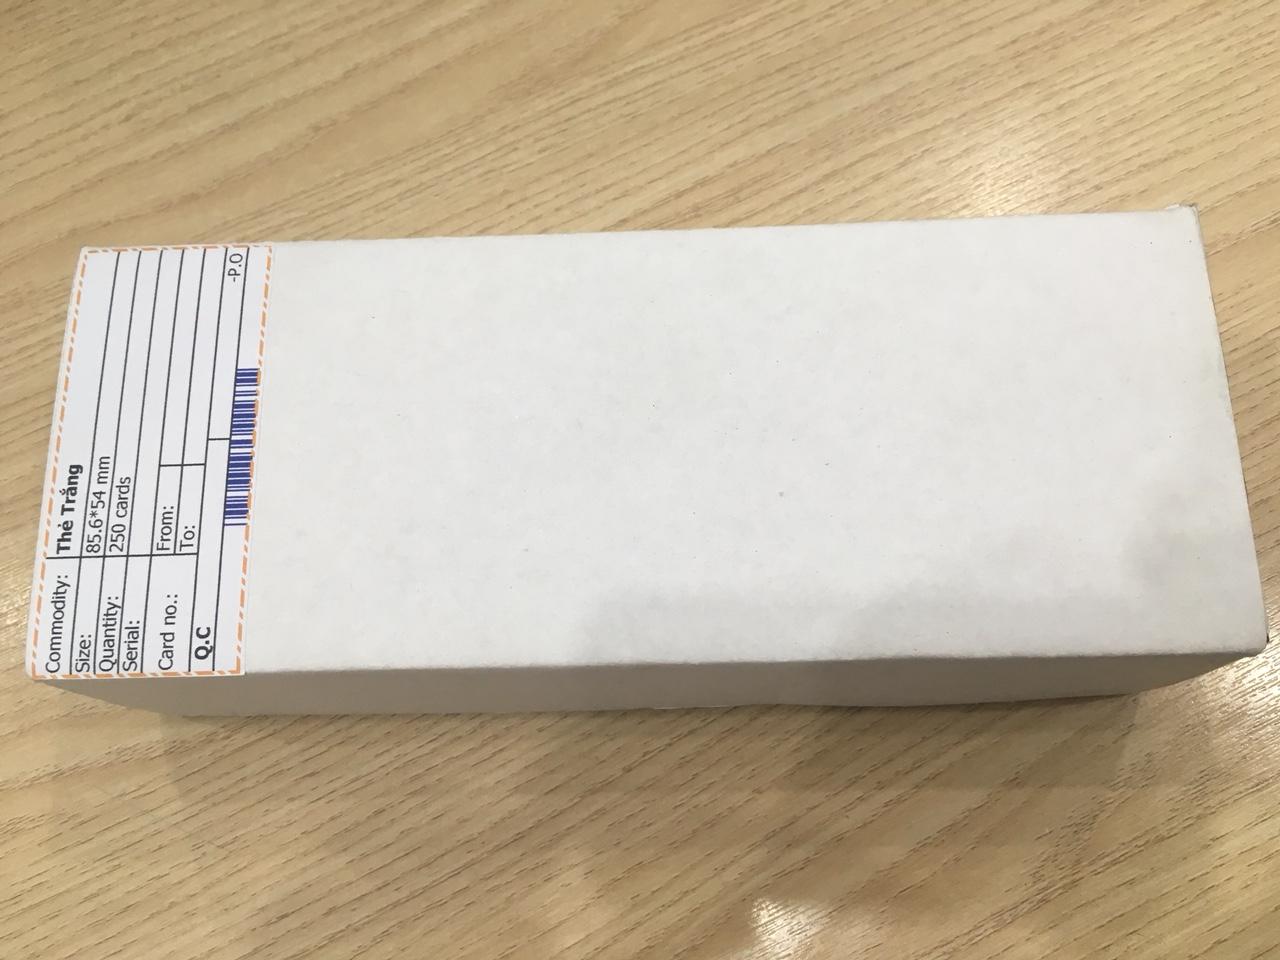 Hộp 250 thẻ nhựa PVC trắng - Thẻ cán bóng chưa in - Chuẩn CR80 - Có bao bọc chống bụi, in tốt trên máy in thẻ nhựa trực tiếp, gián tiếp - Độ dày thẻ tiêu chuẩn 0.76 mm